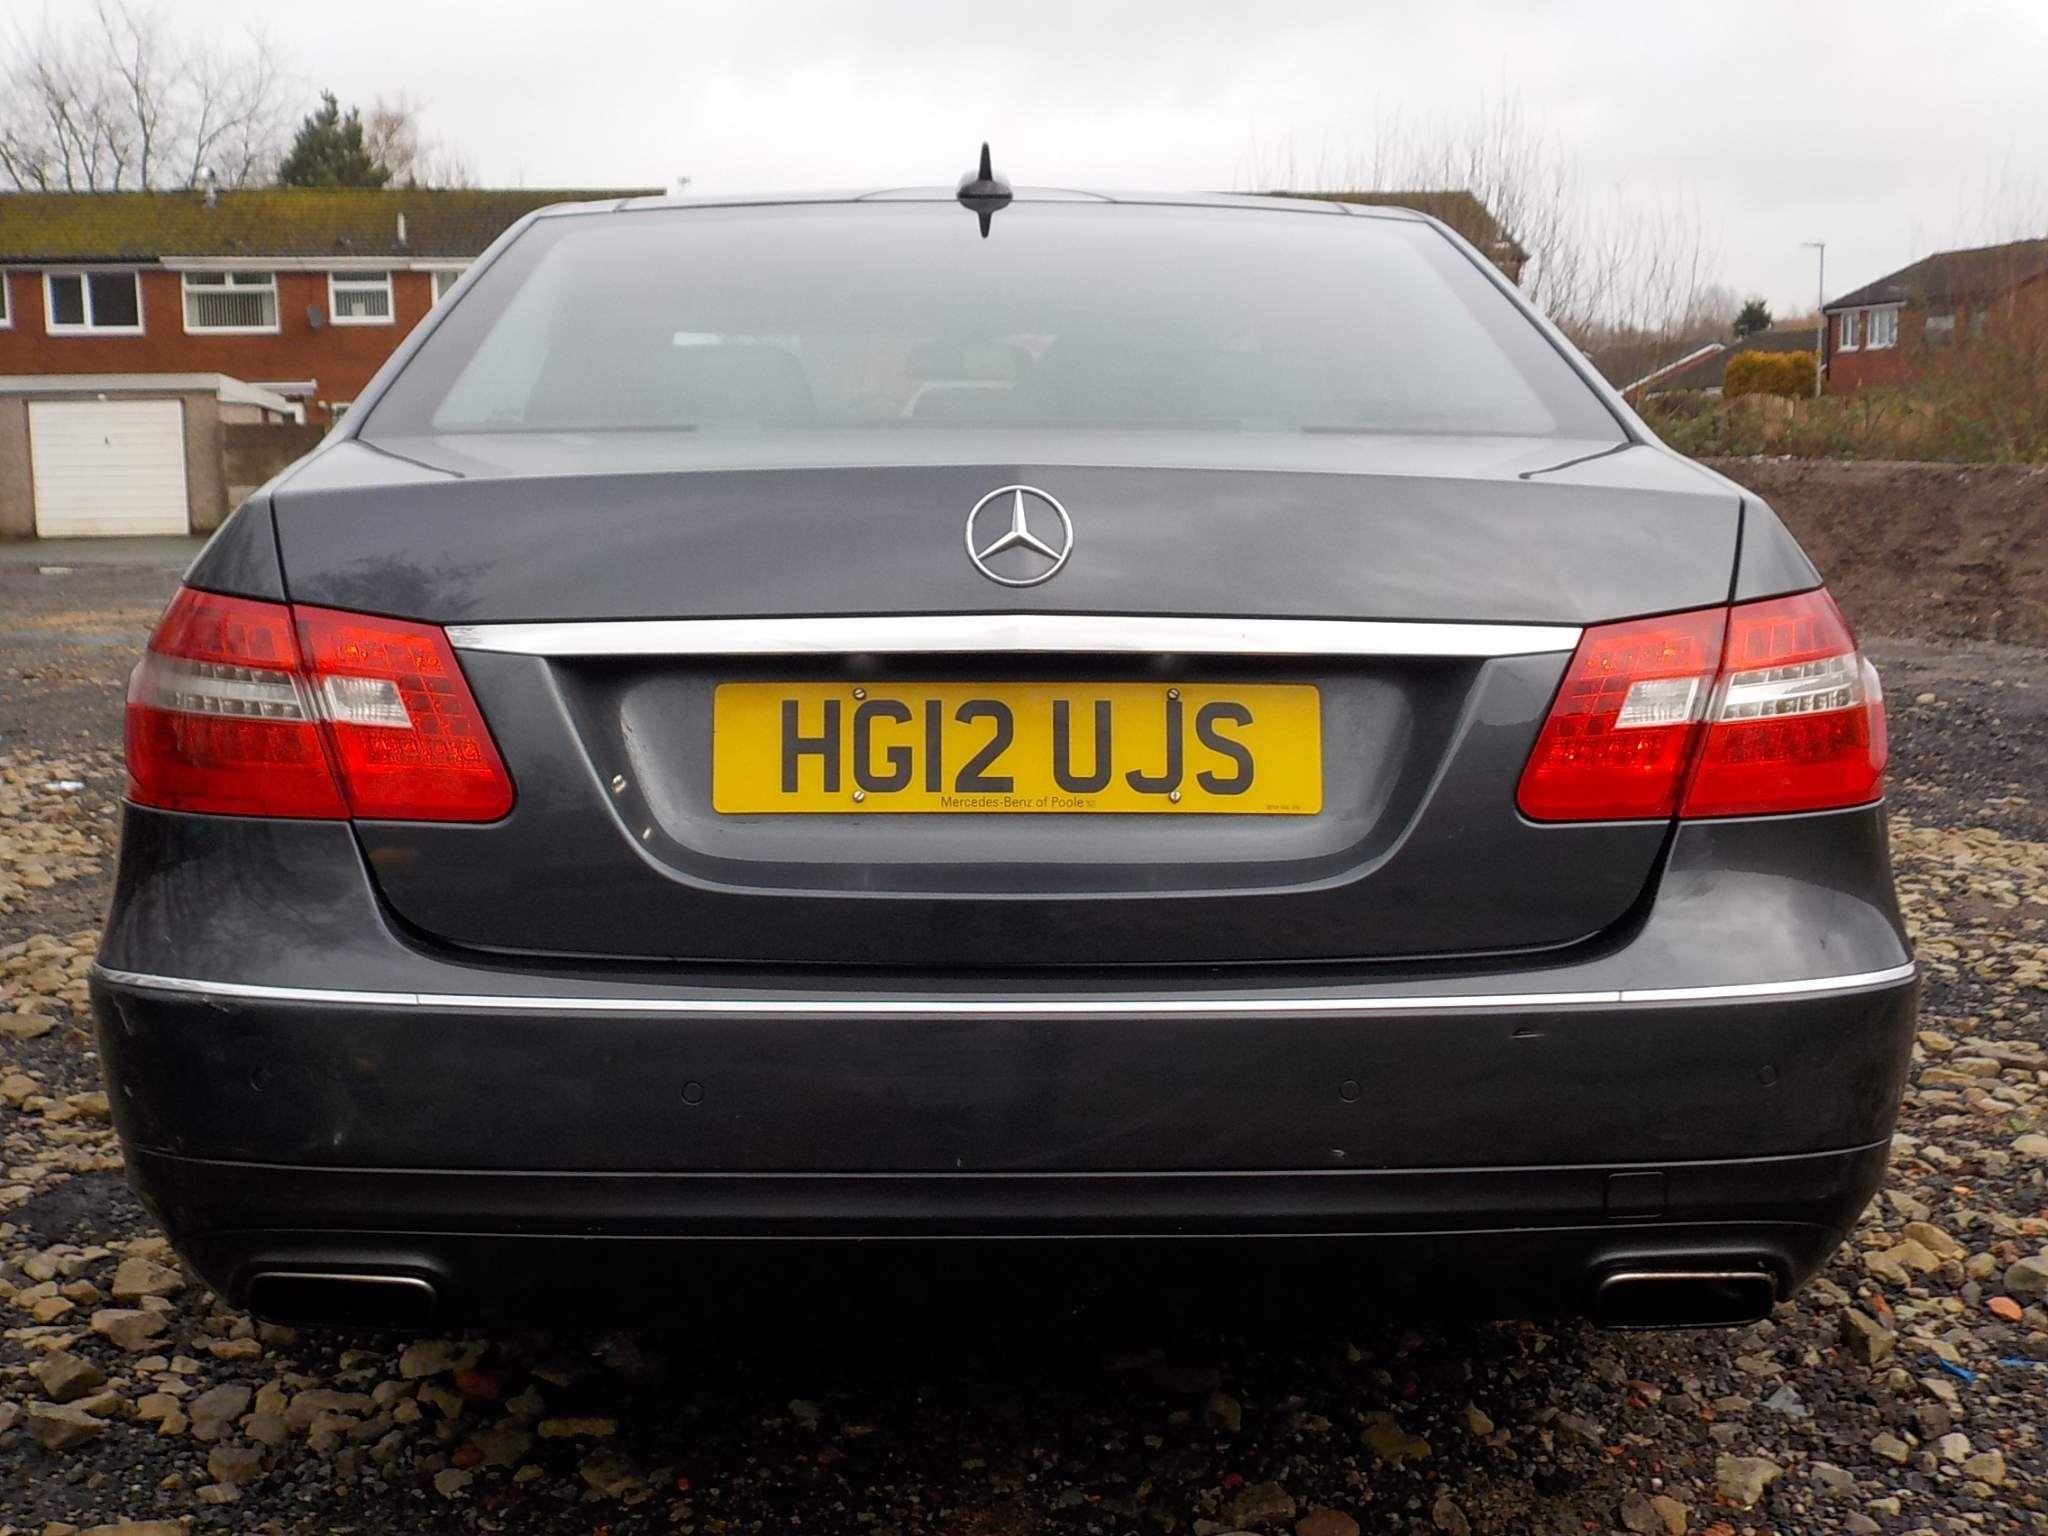 Mercedes-Benz E Class 2.1 E220 CDI BlueEFFICIENCY SE (Executive) G-Tronic 4dr